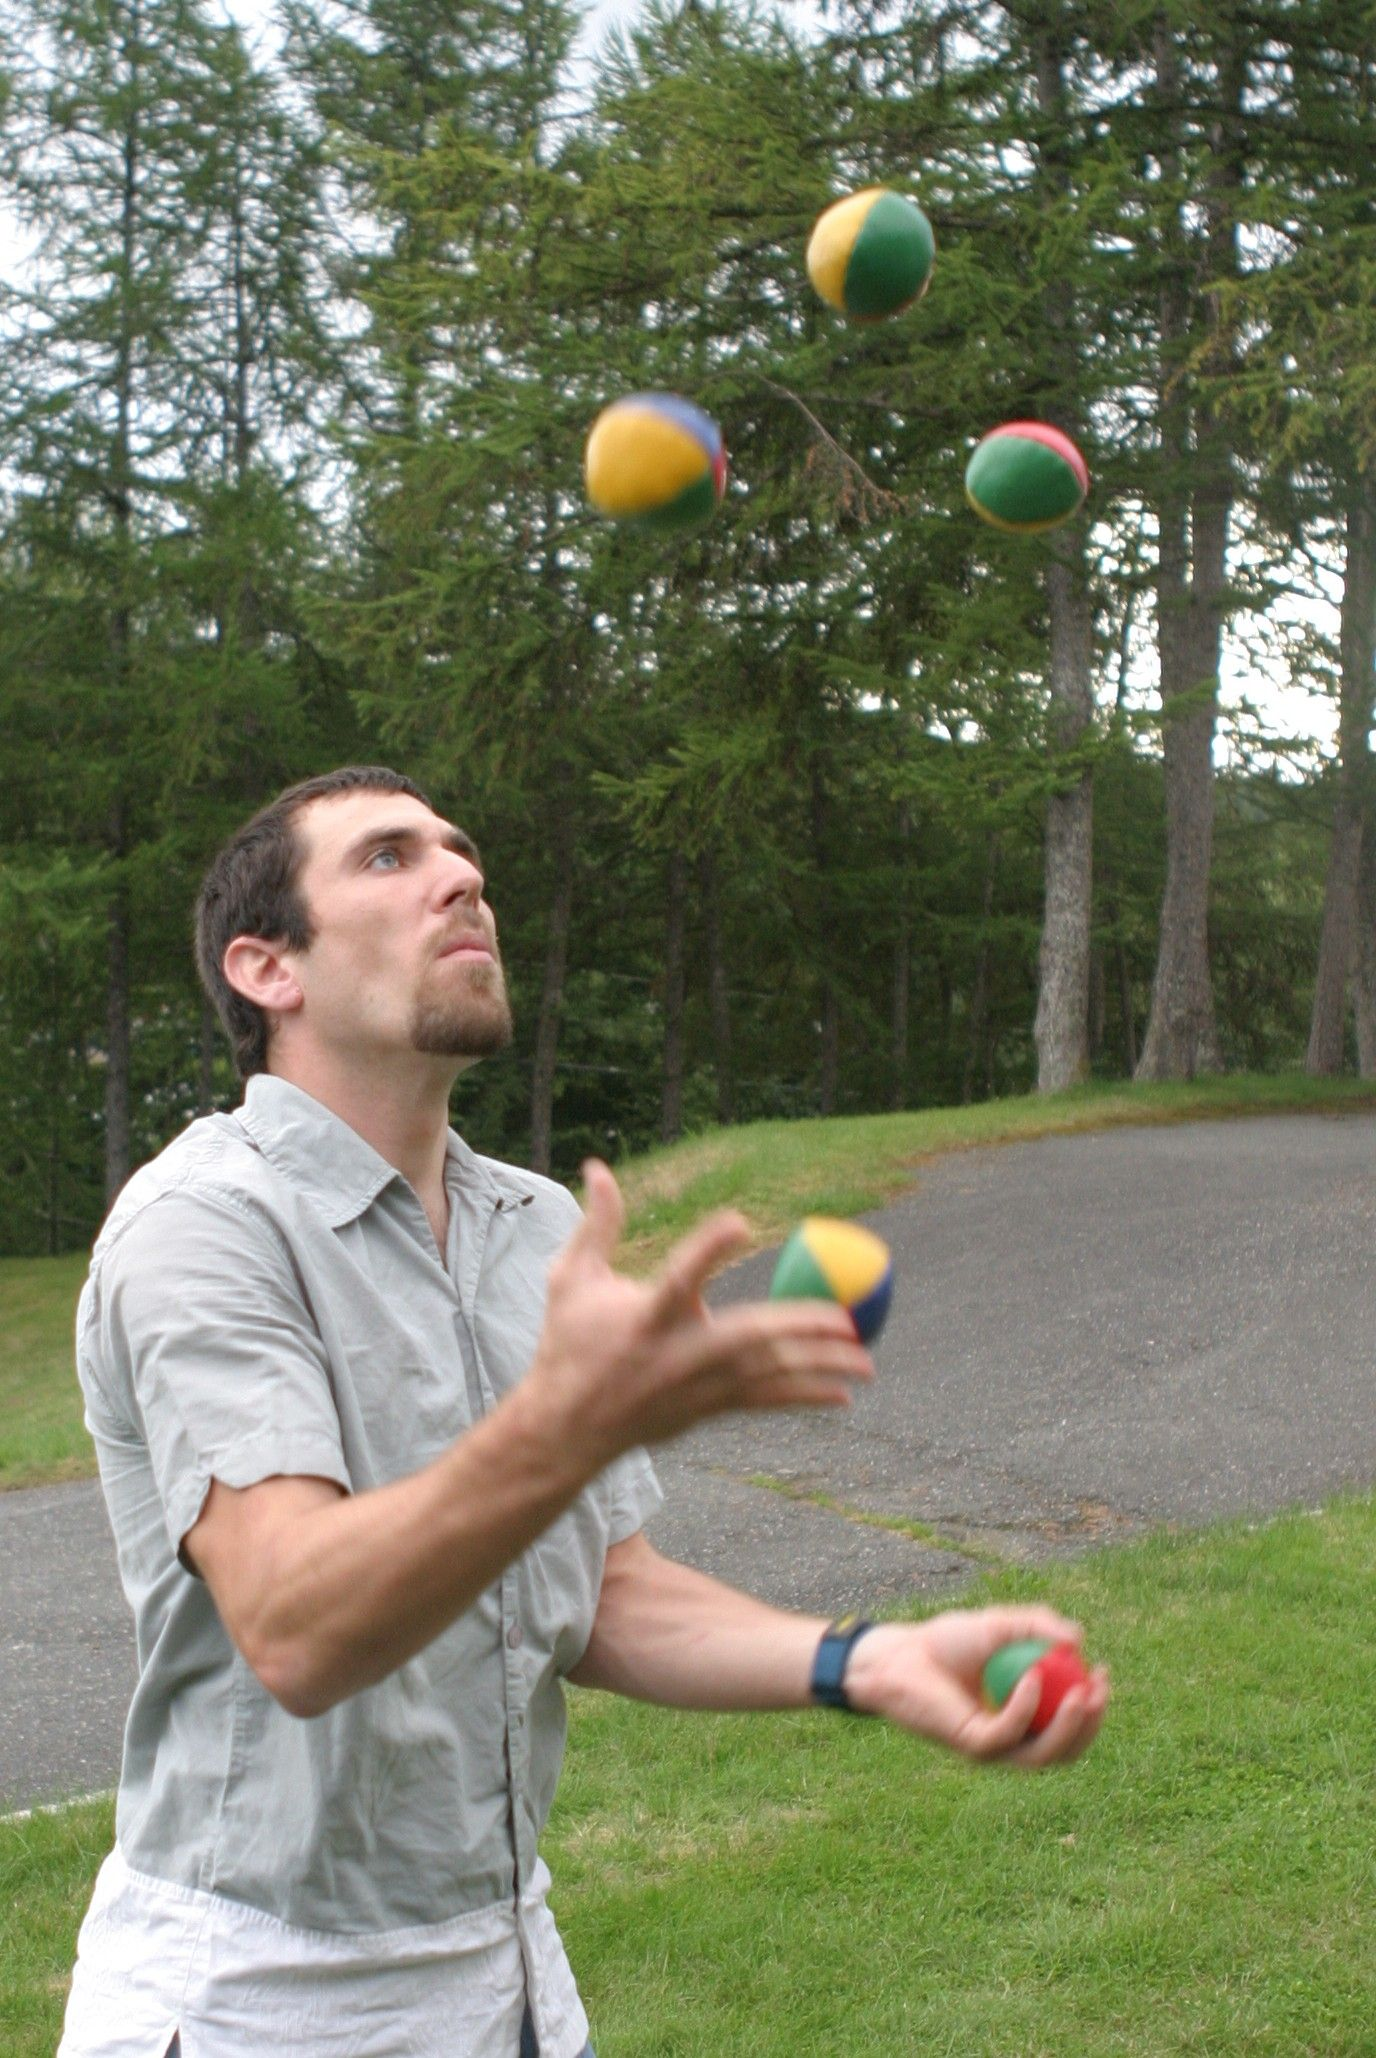 5_ball_juggling.jpg (1376×2058)